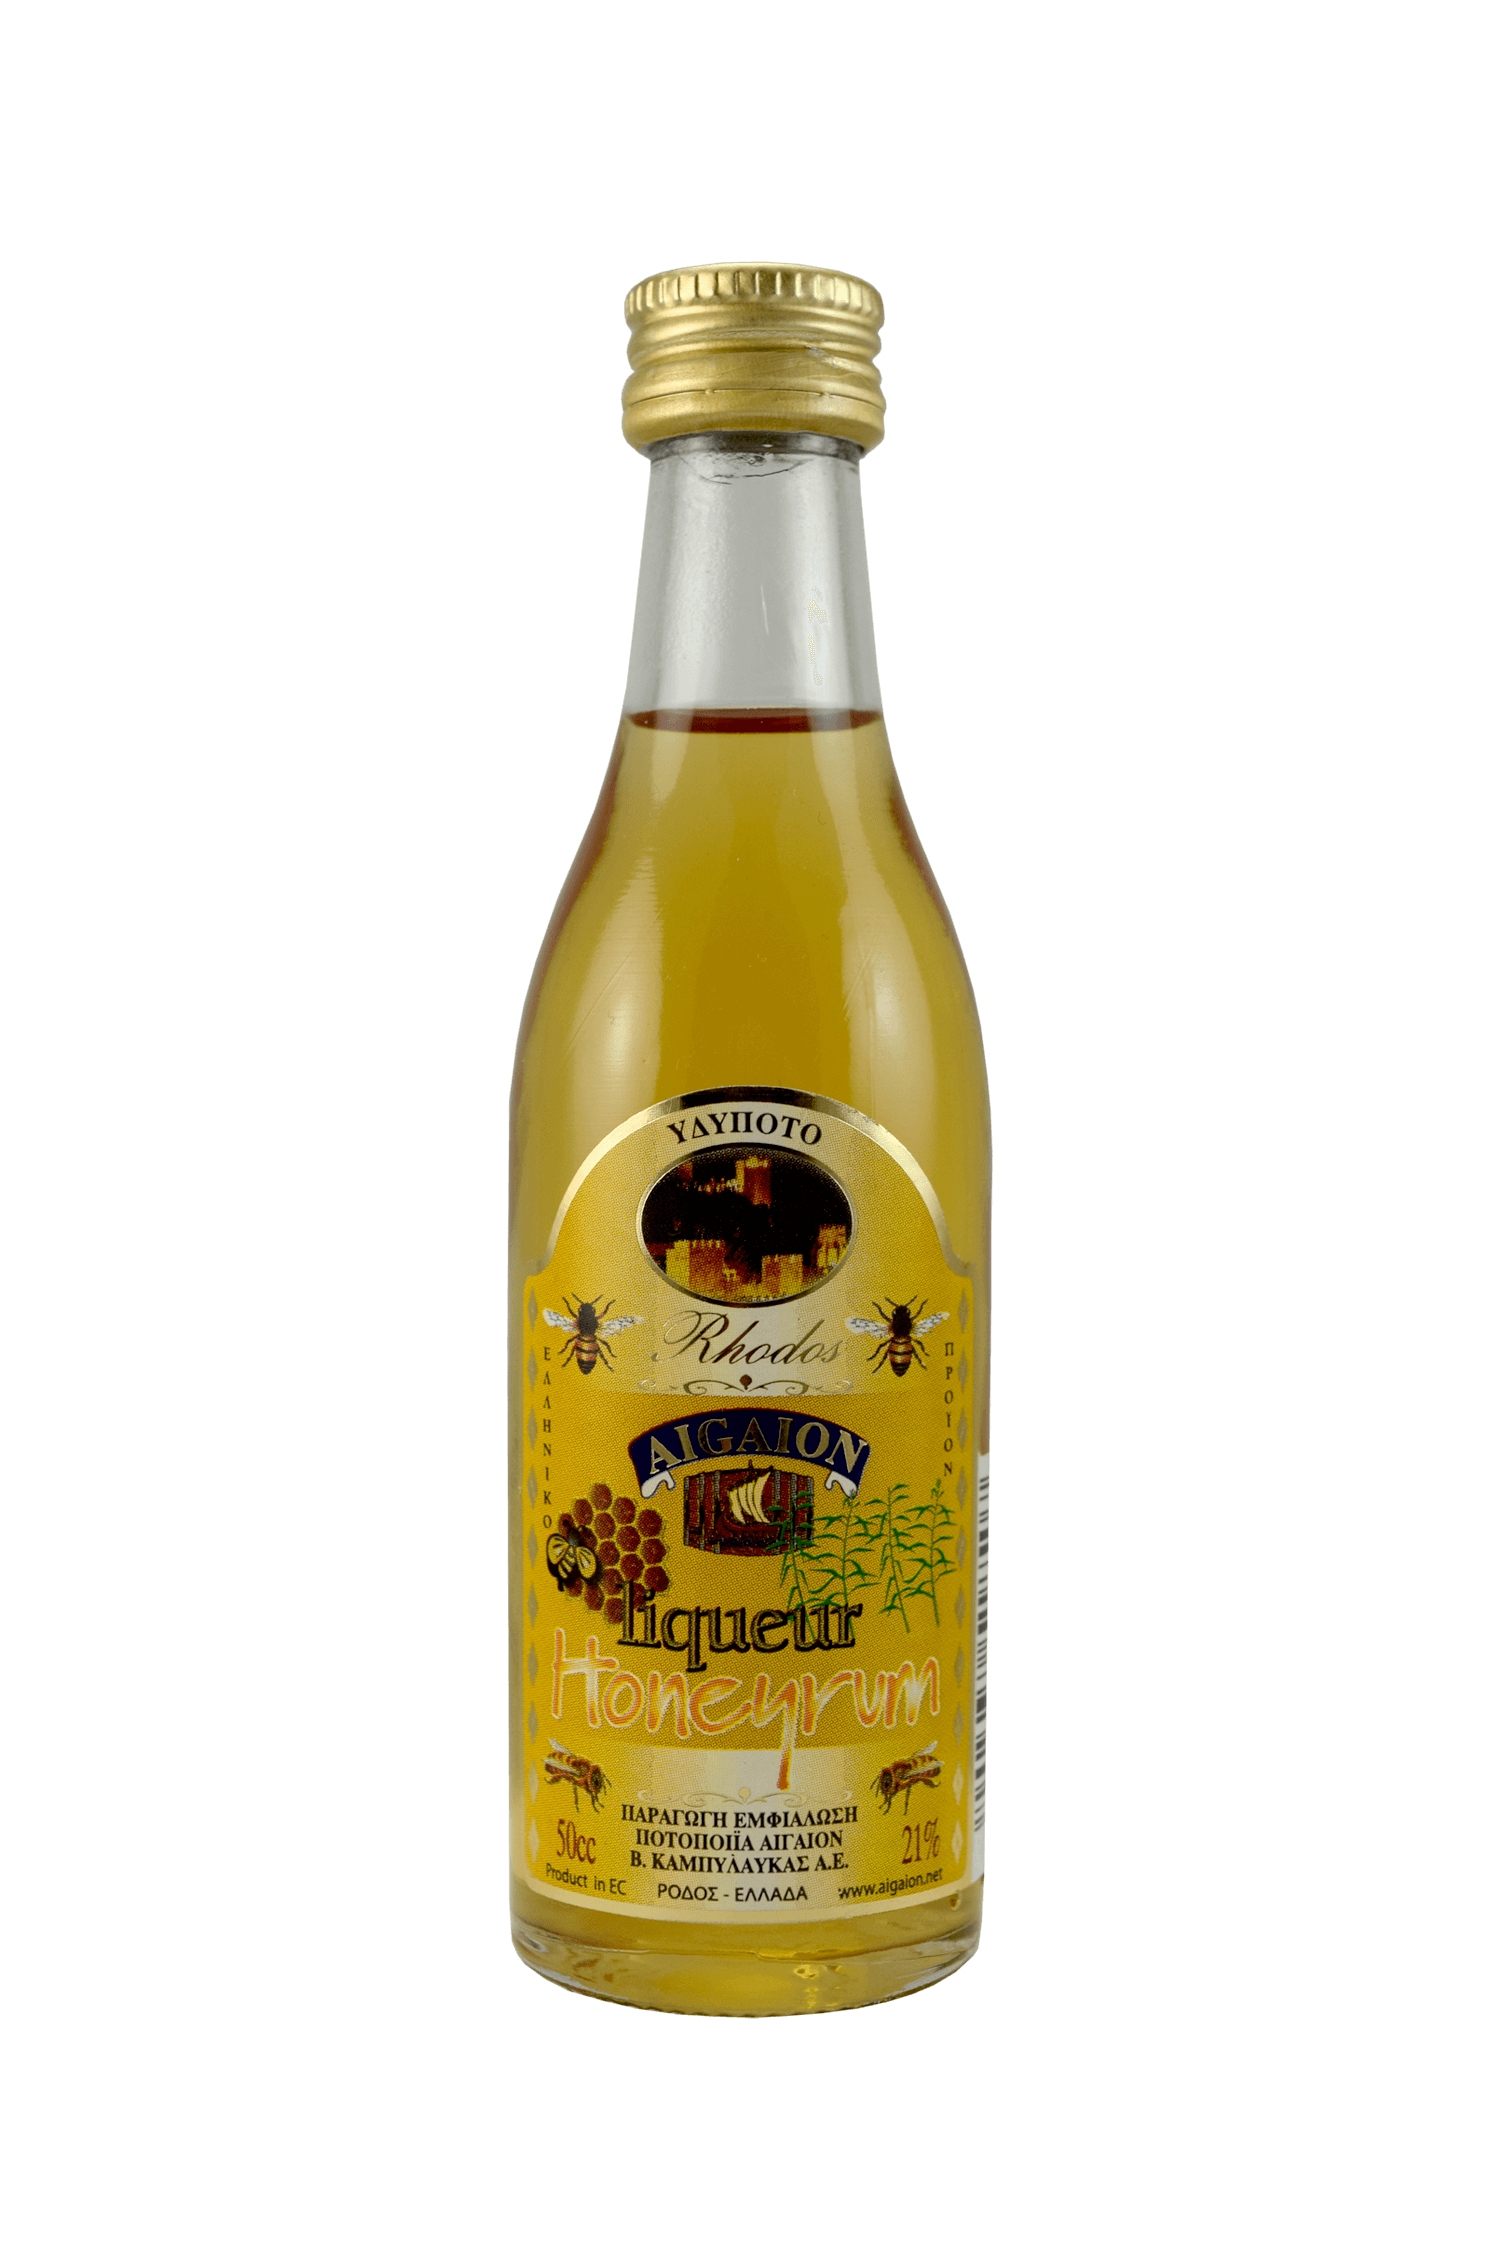 Aigaion Liqueur Honeyrum